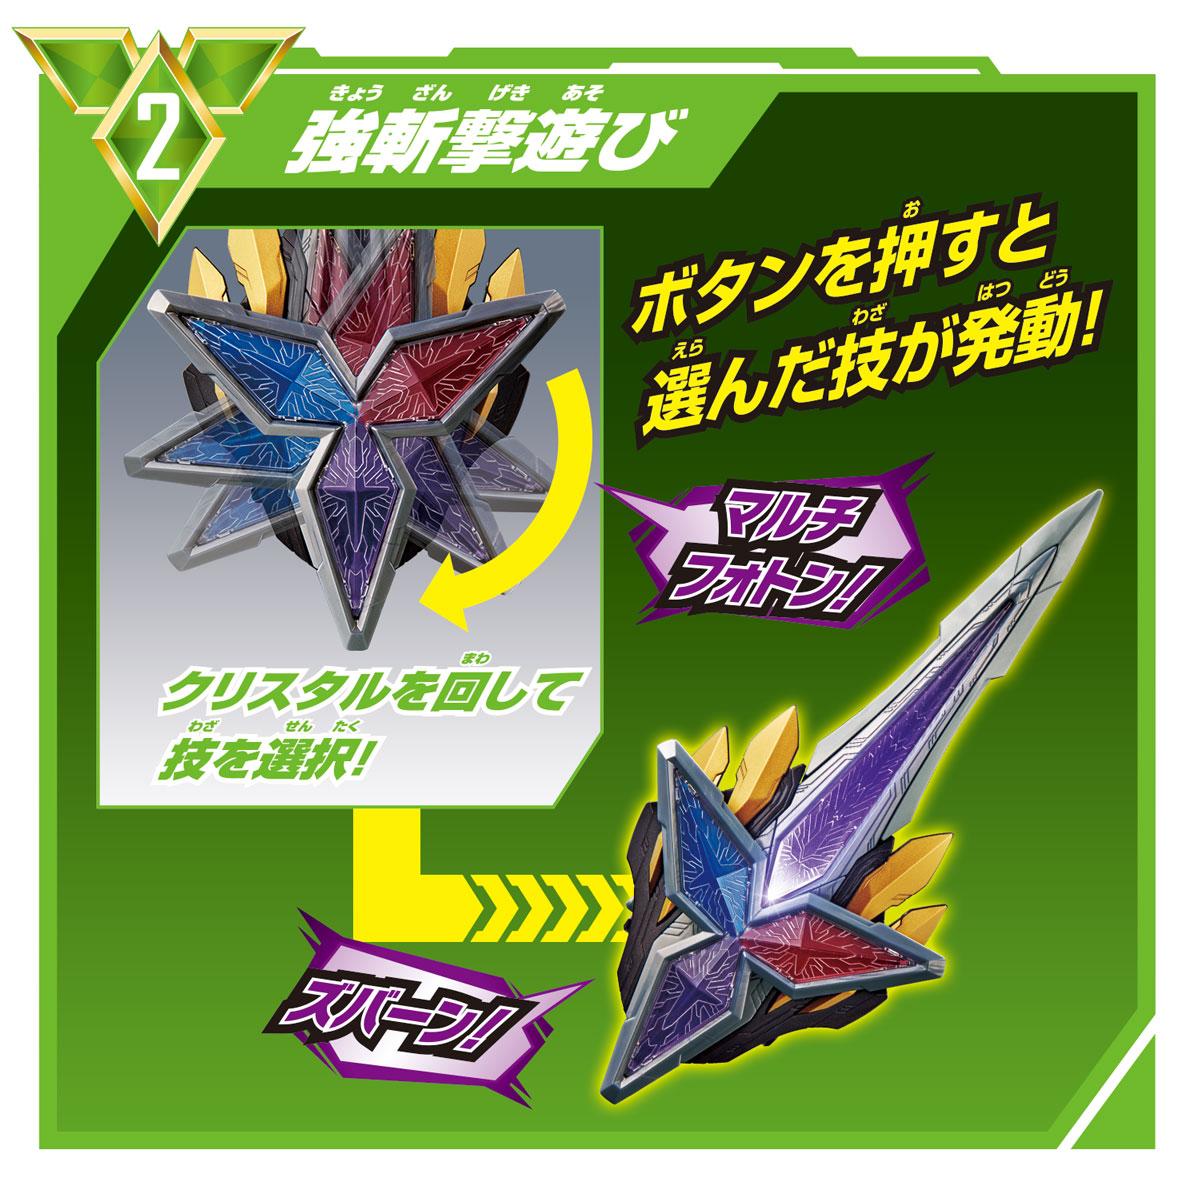 ウルトラマントリガー『DXグリッターブレード』変身なりきり-003